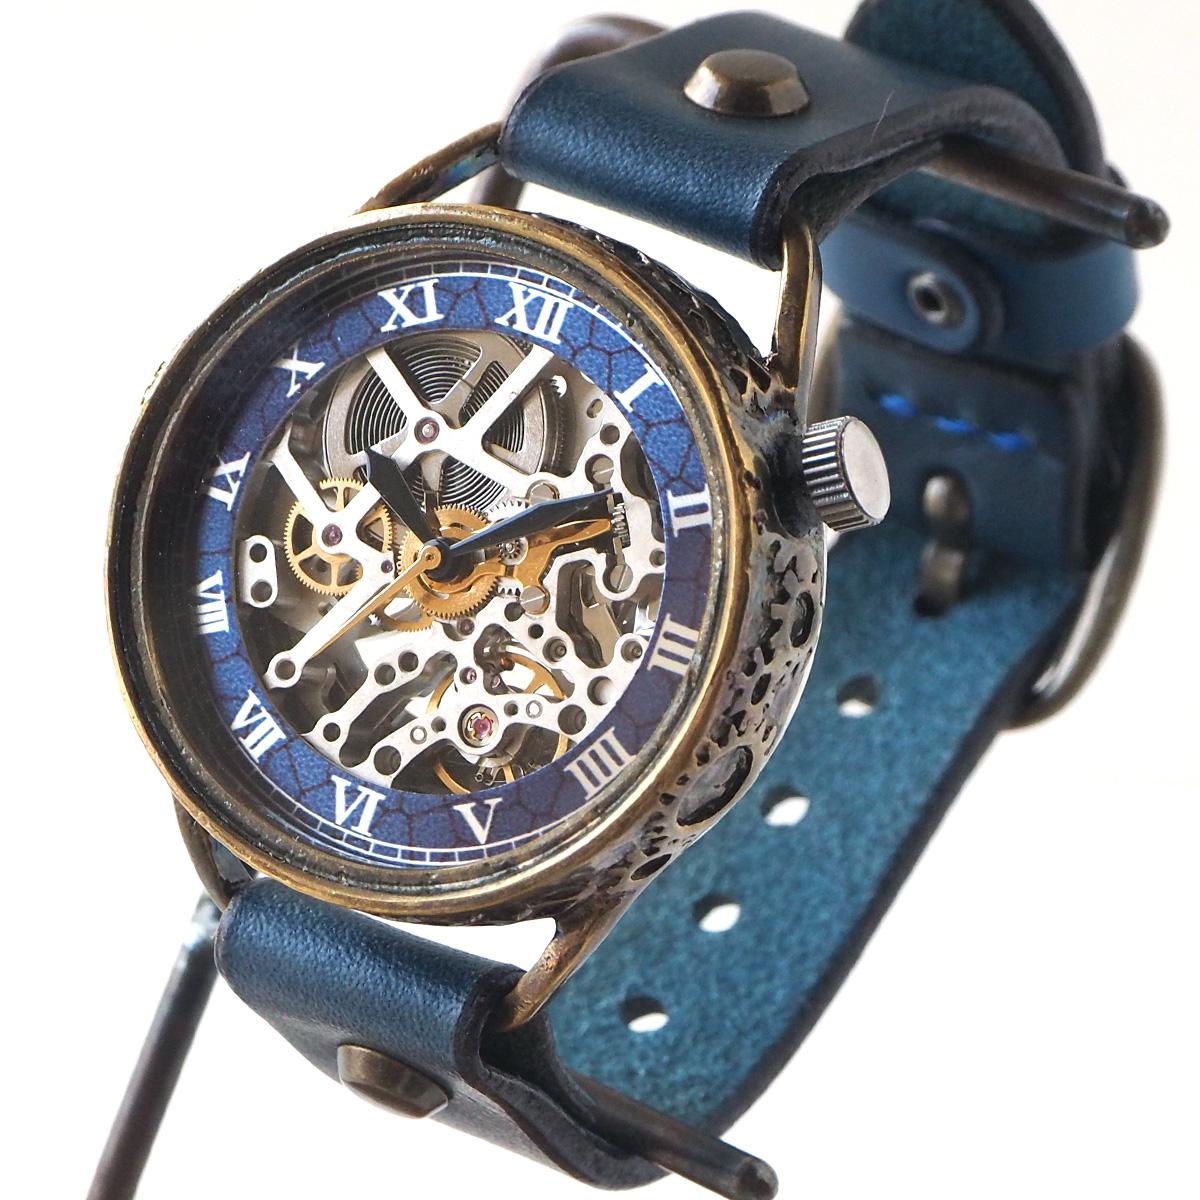 KINO(キノ) 手作り腕時計 自動巻き 裏スケルトン メカニックシルバー ブルー [K-15-MSV-BL]